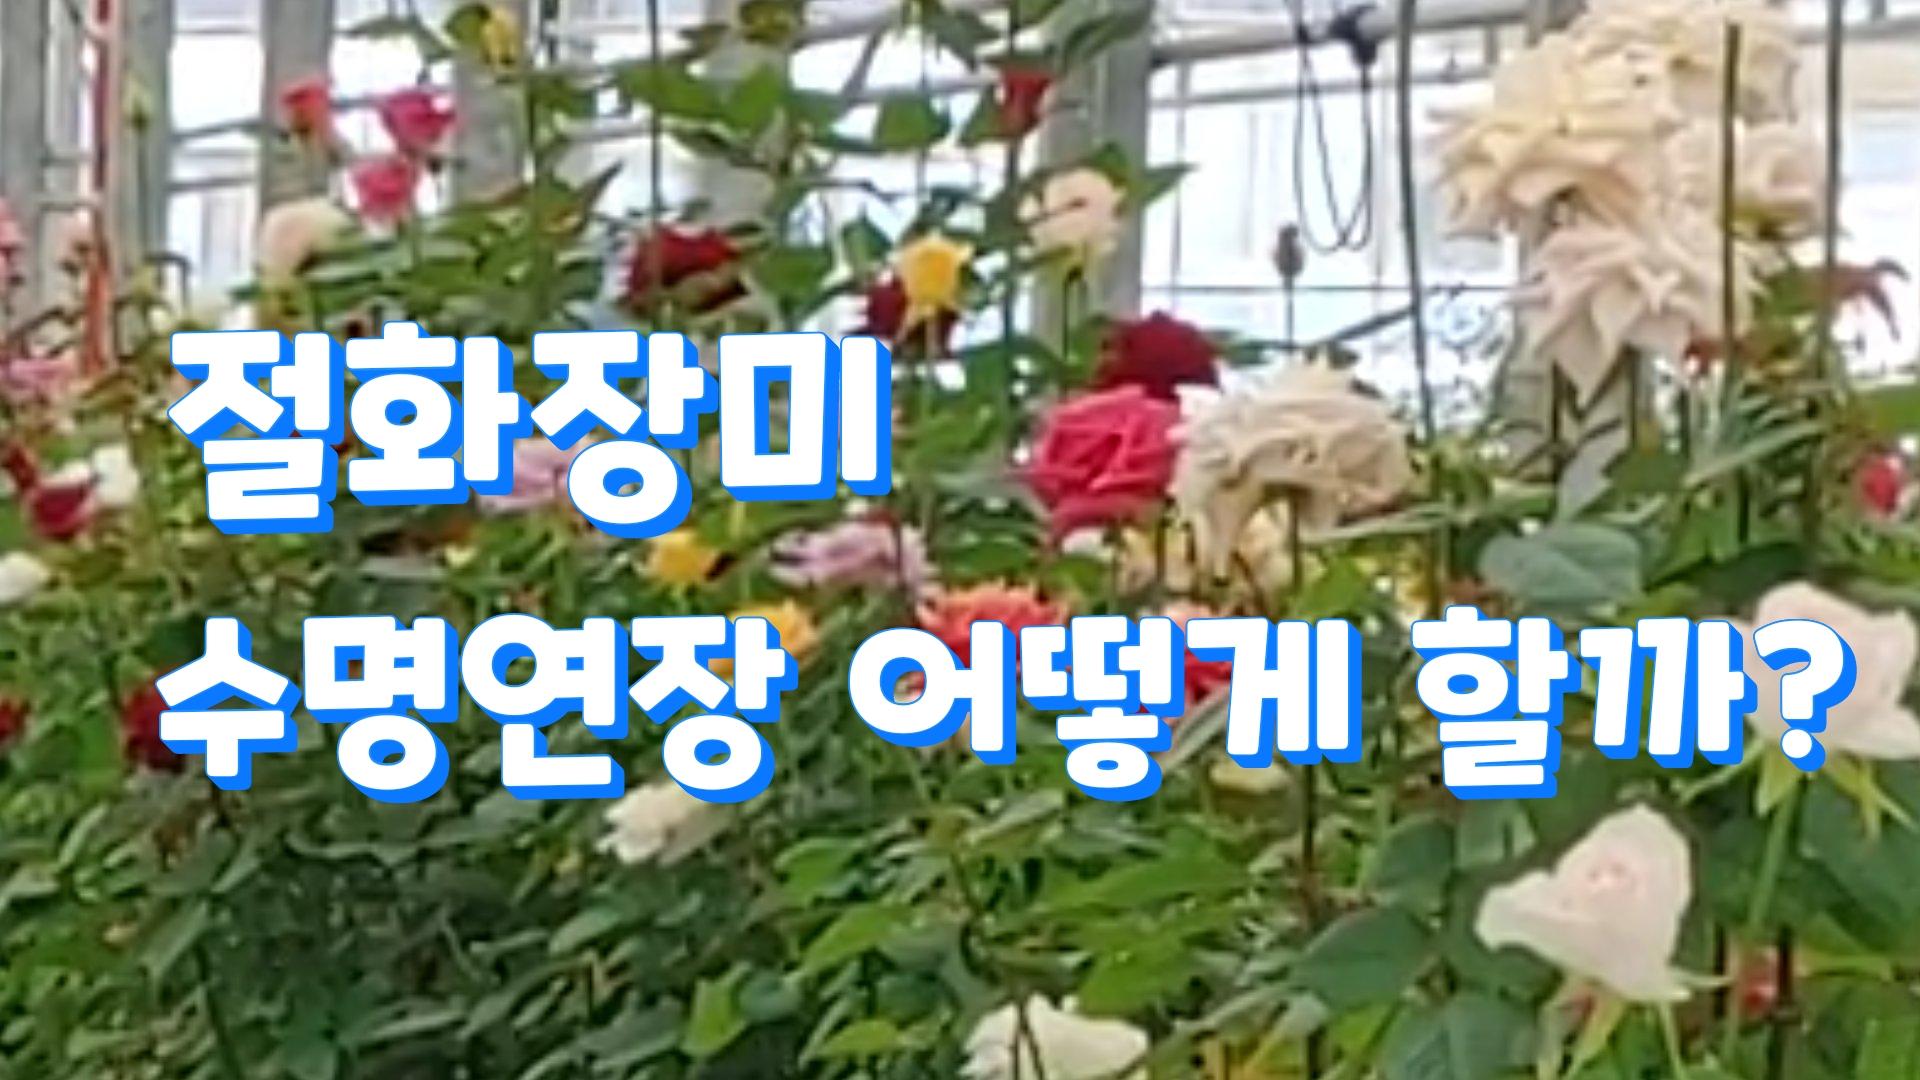 (with 귀농7년차) 절화용 장미 수명 연장기술